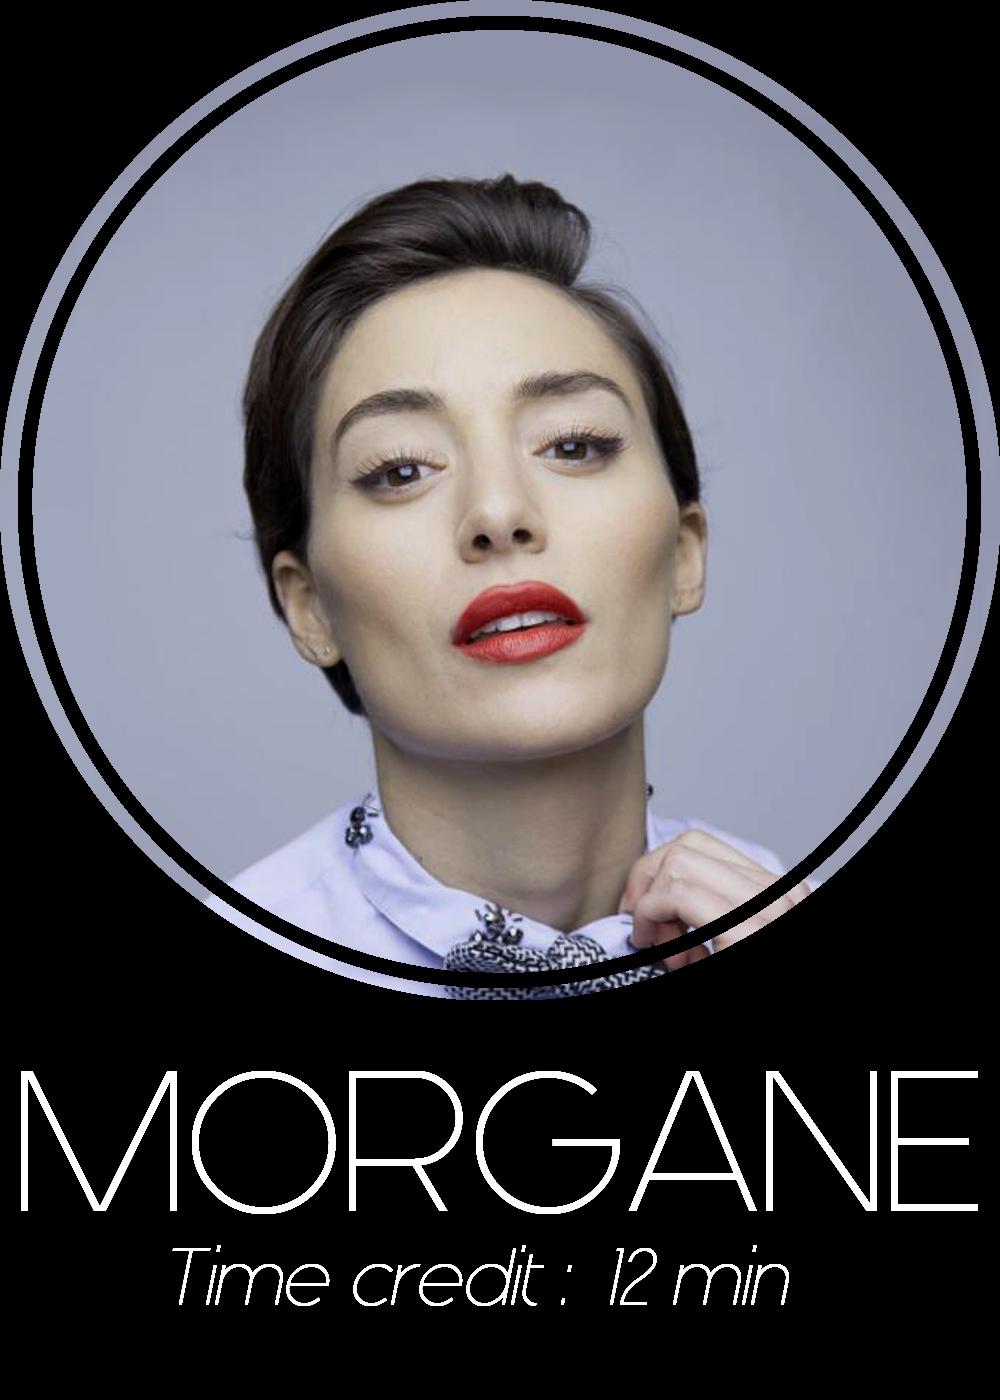 profil morgane 2